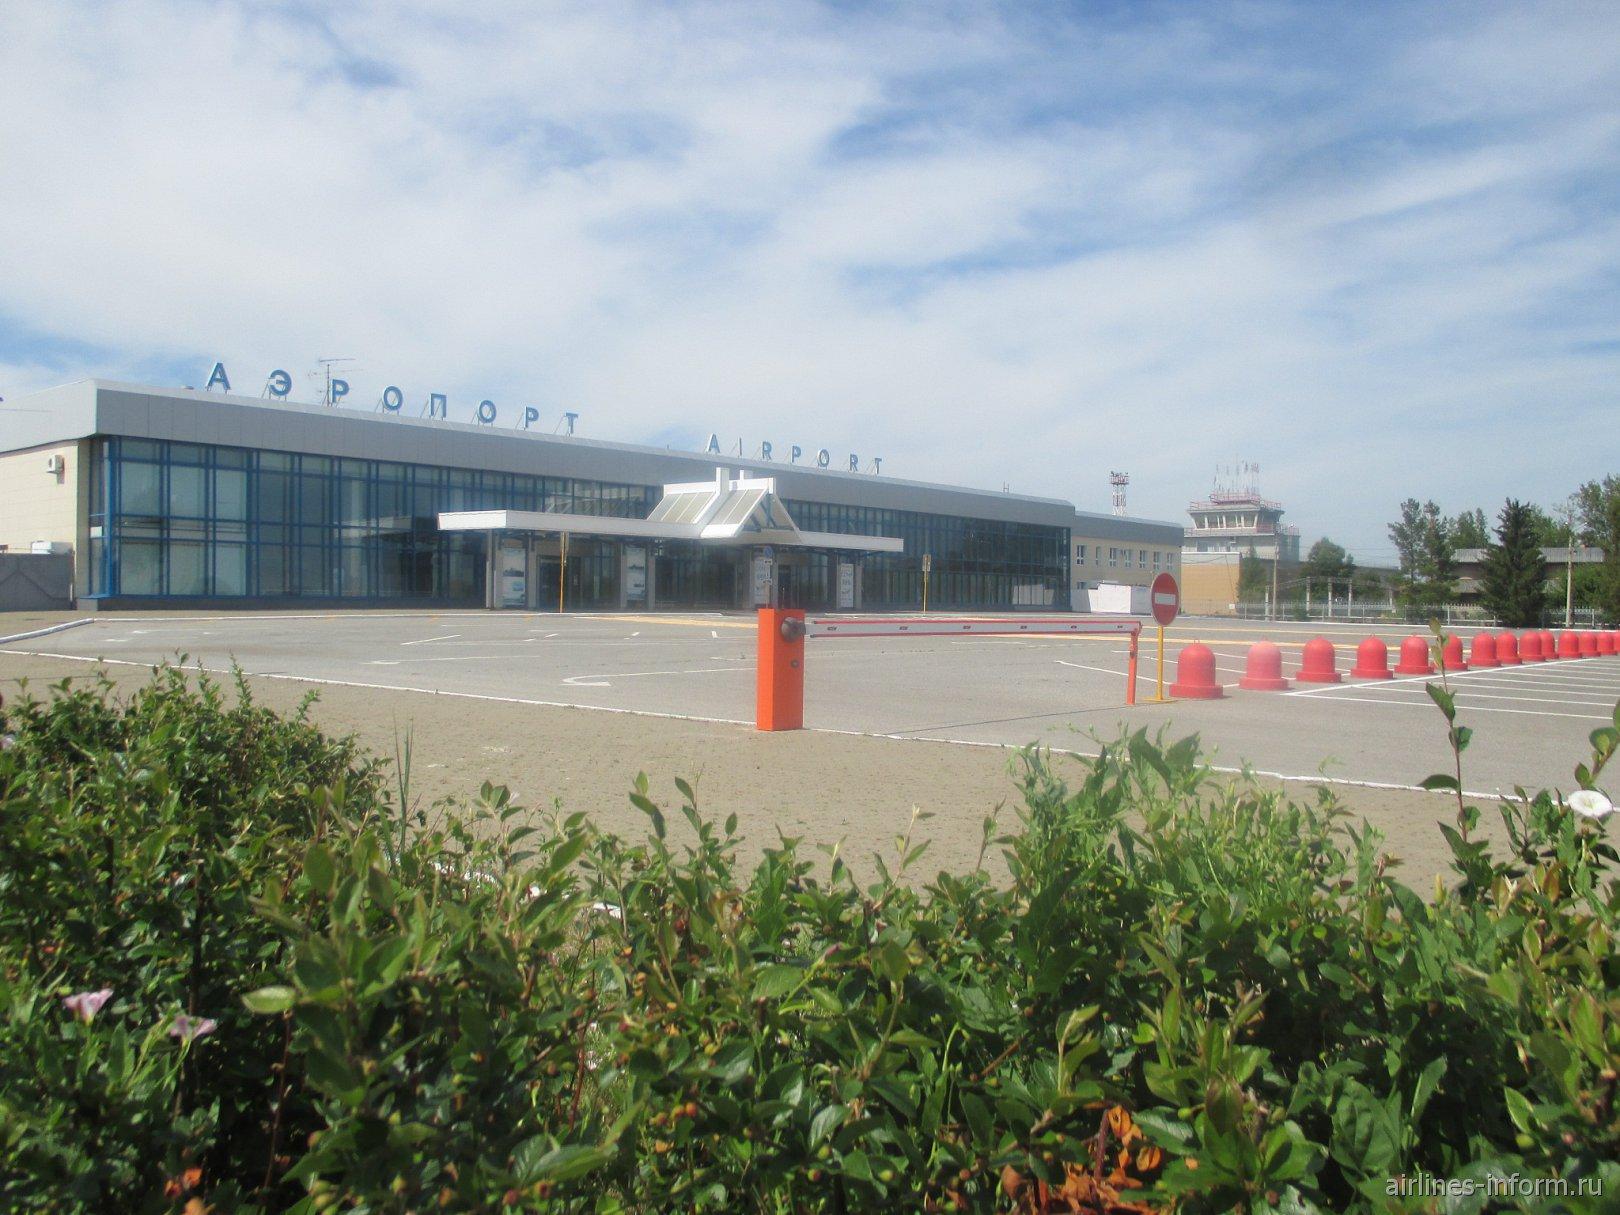 Аэропорт города Магнитогорск